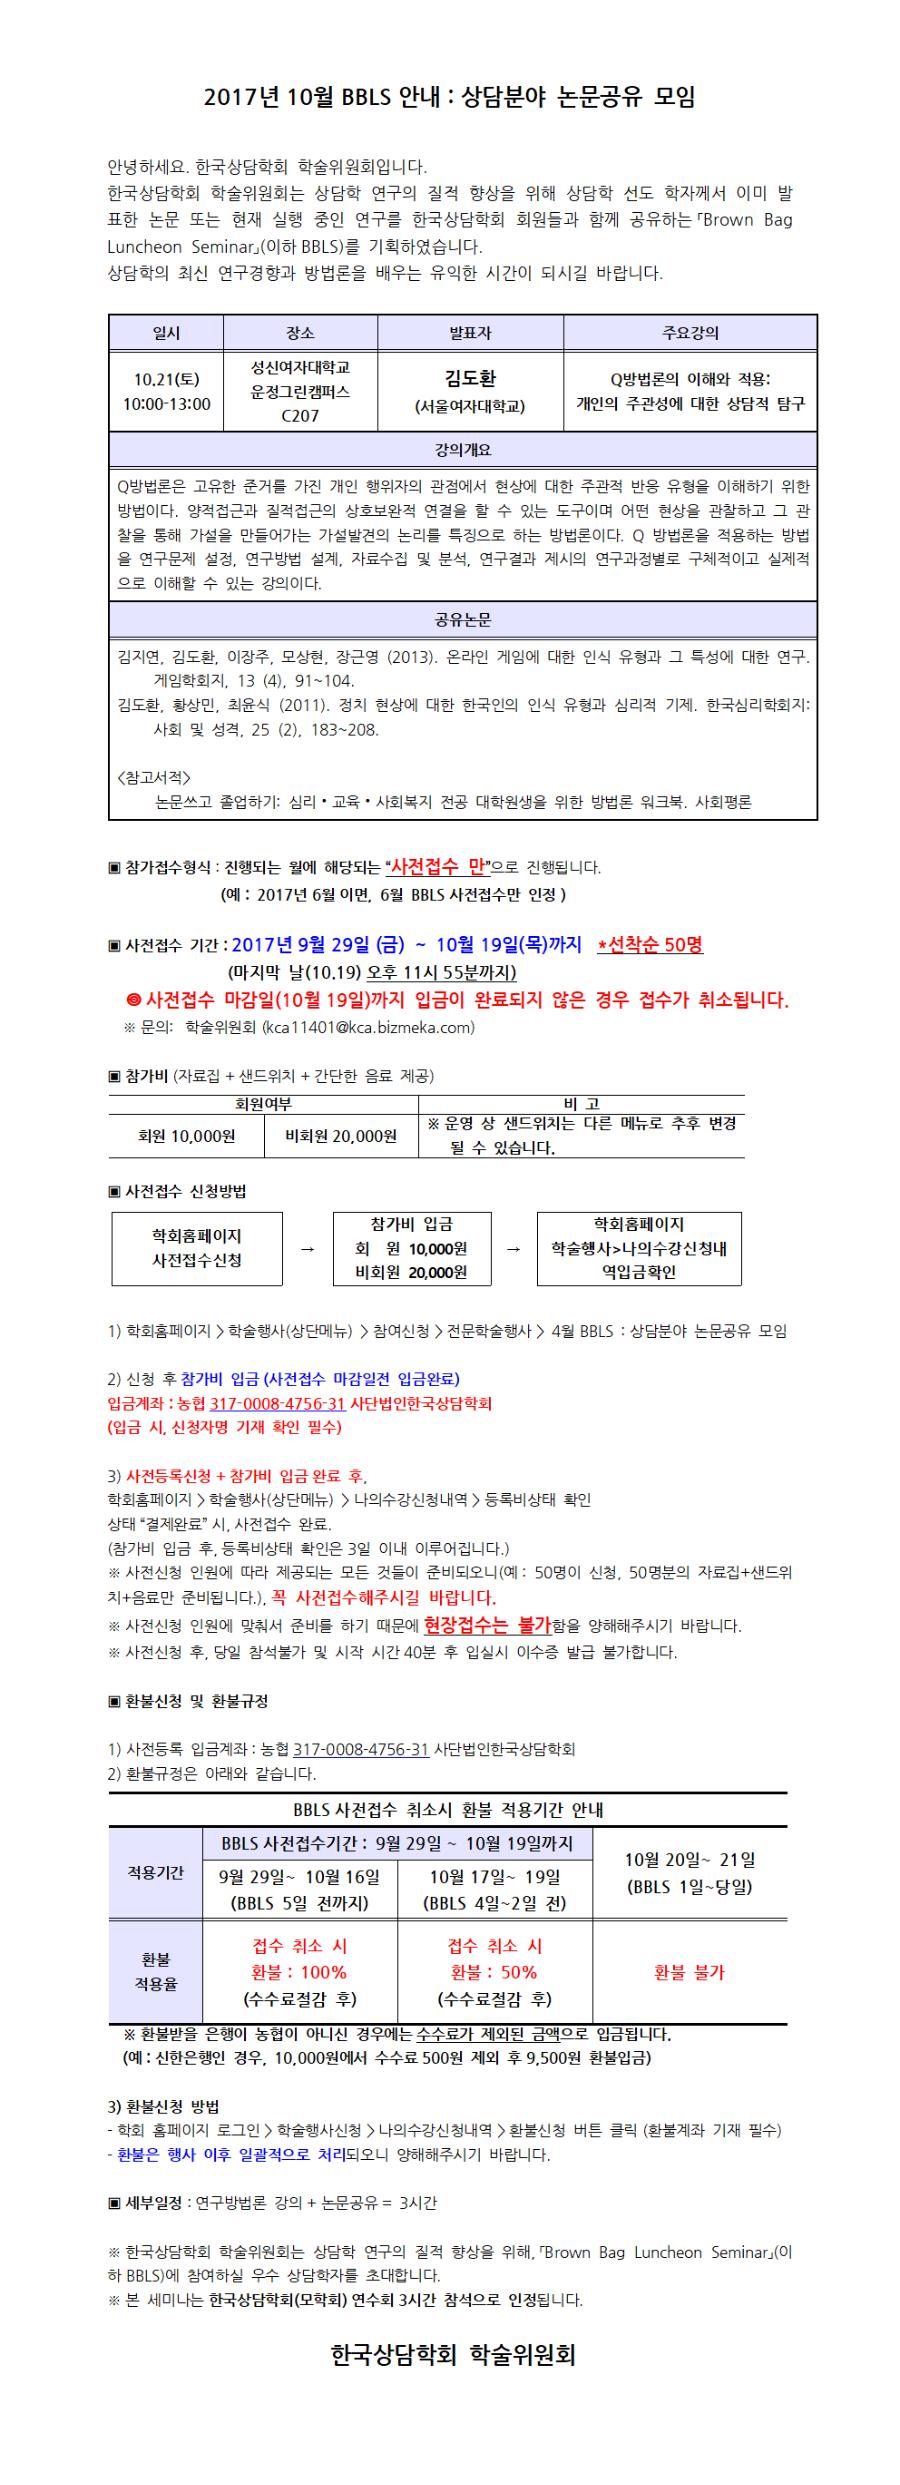 2017_10월_BBLS_공지문.png